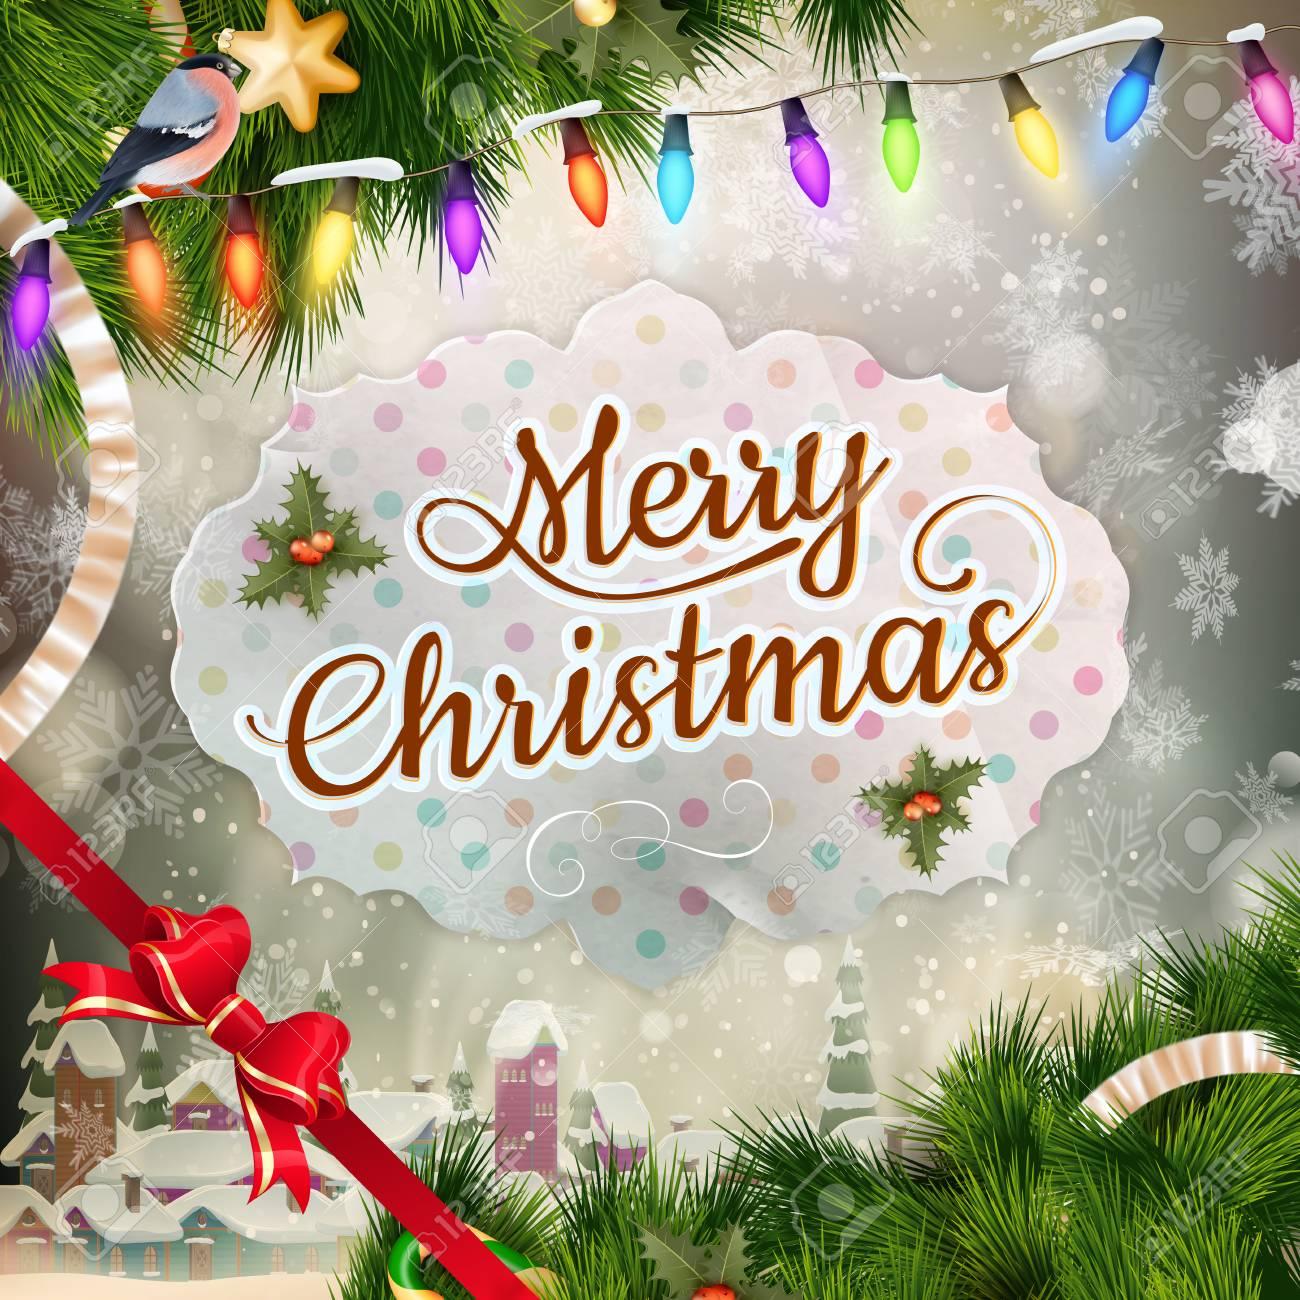 Weihnachts Grusskarte Licht Und Schneeflocken Hintergrund Frohe